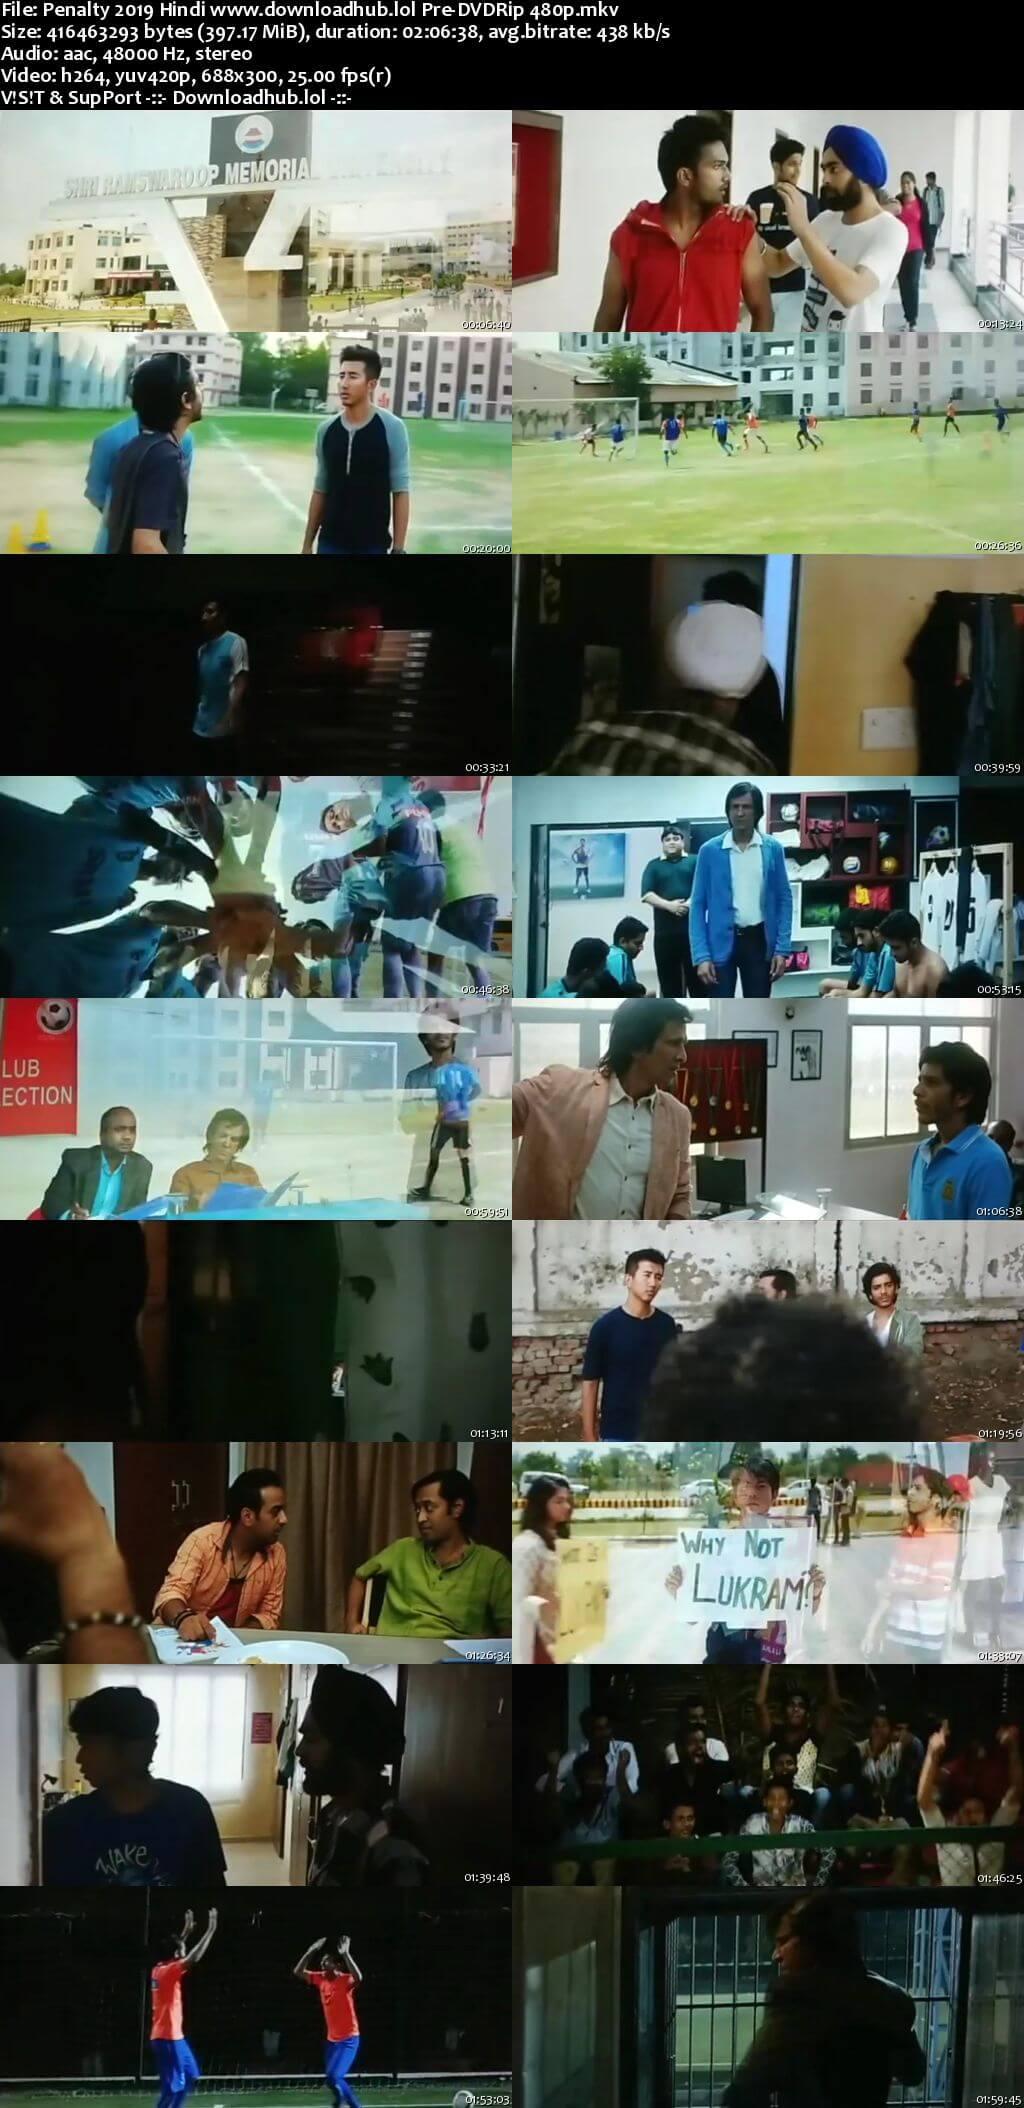 Penalty 2019 Hindi 400MB Pre-DVDRip 480p